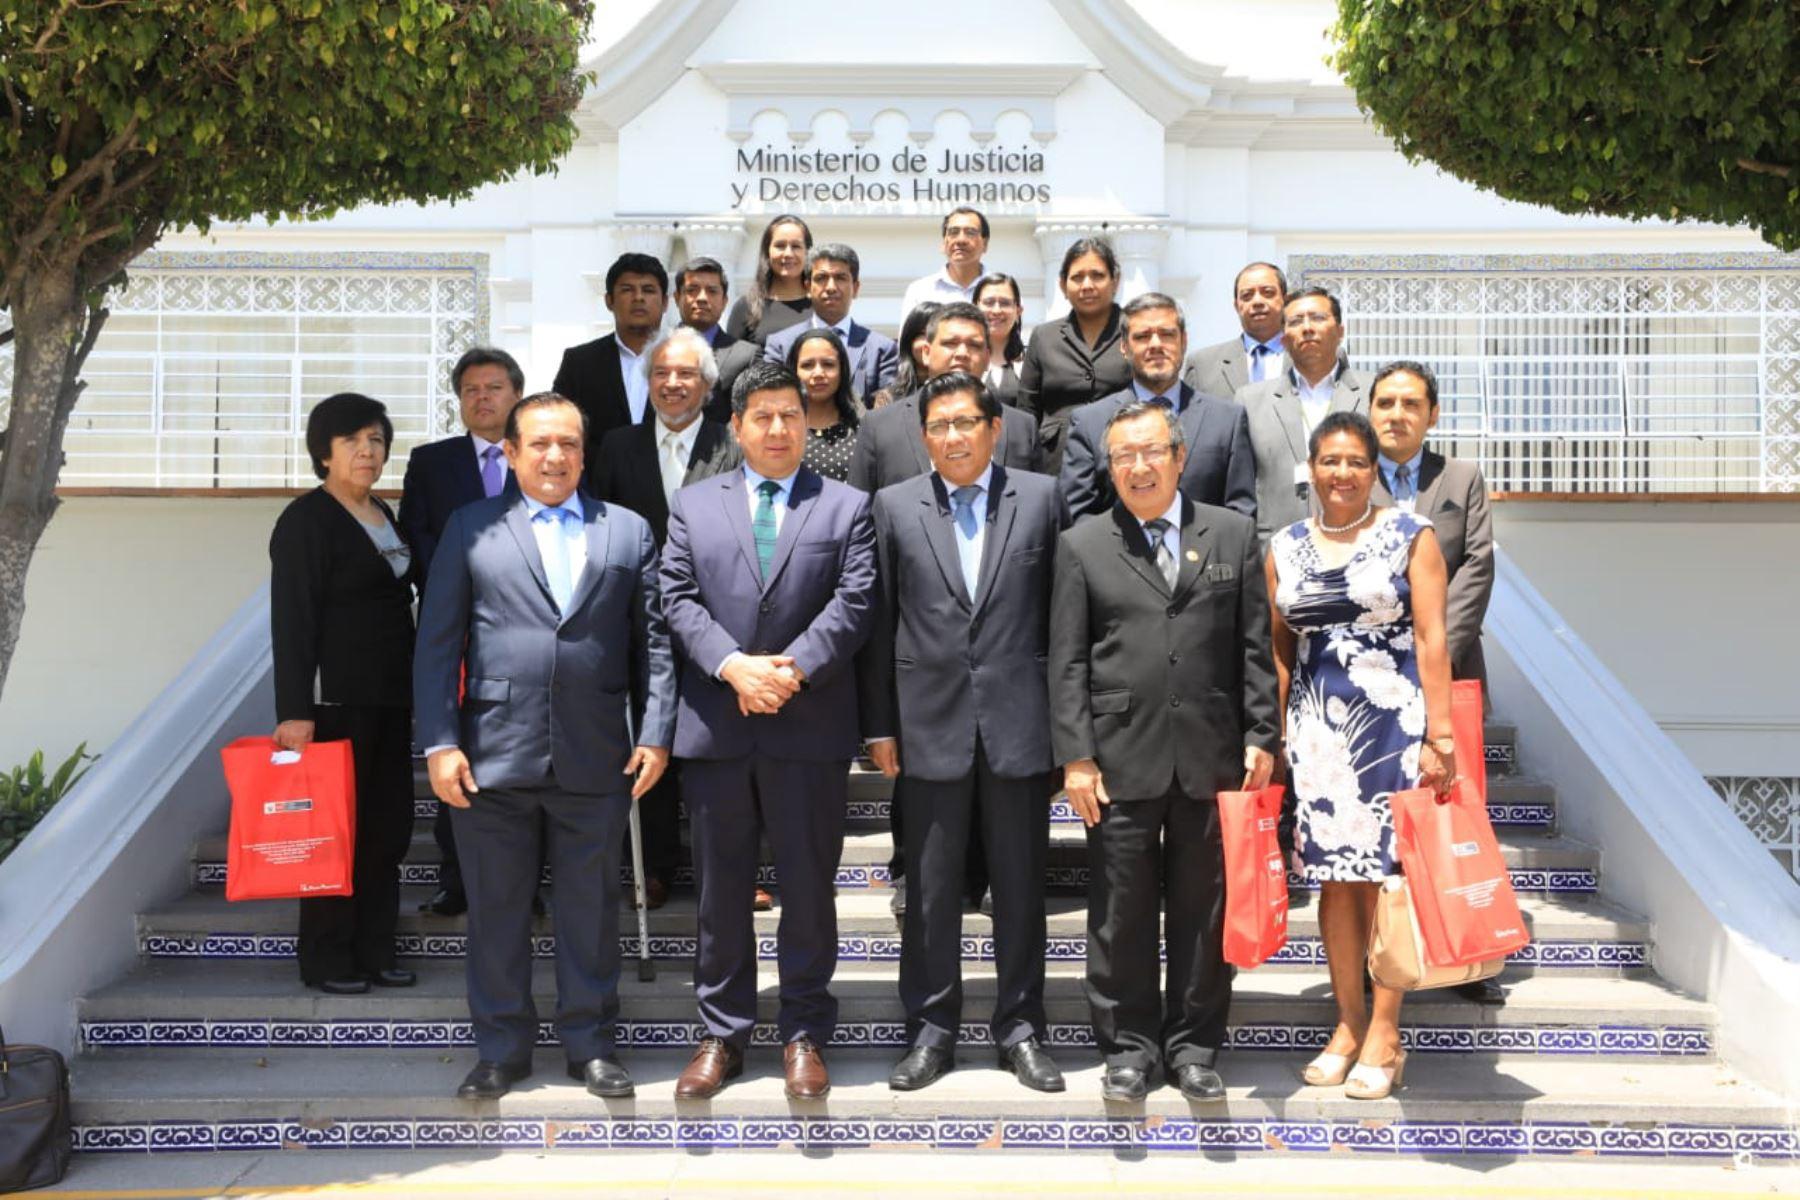 El ministro de Justicia y Derechos Humanos, Vicente Zeballos, recibió a un grupo de gobernadores regionales en la sede del sector.